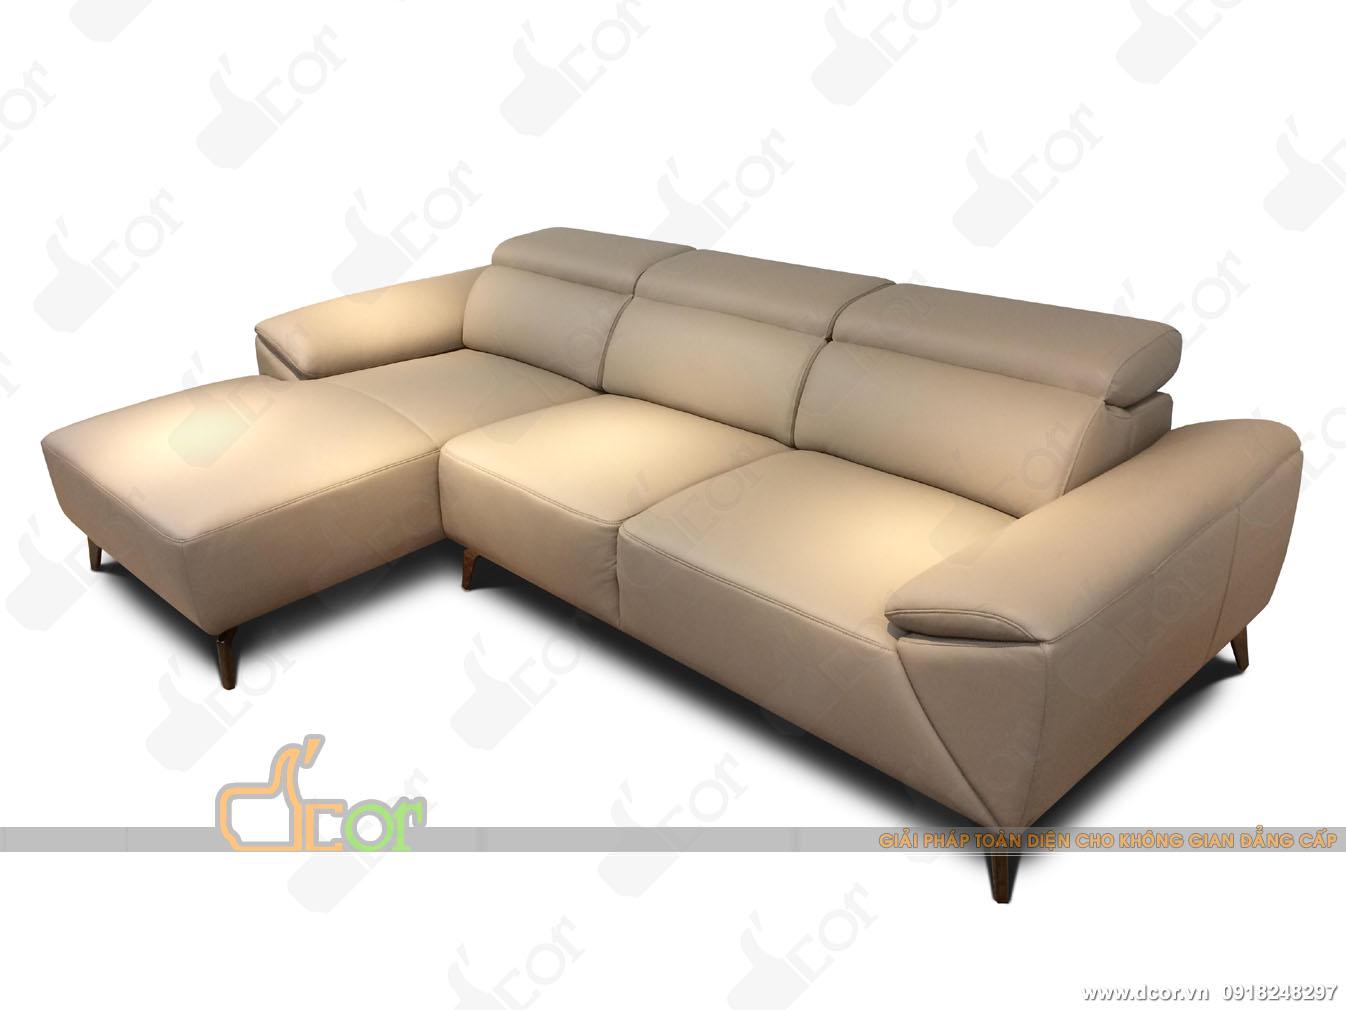 Sofa da thật góc L nhập khẩu Malaysia: DG701- điểm nhấn độc đáo cho phòng khách